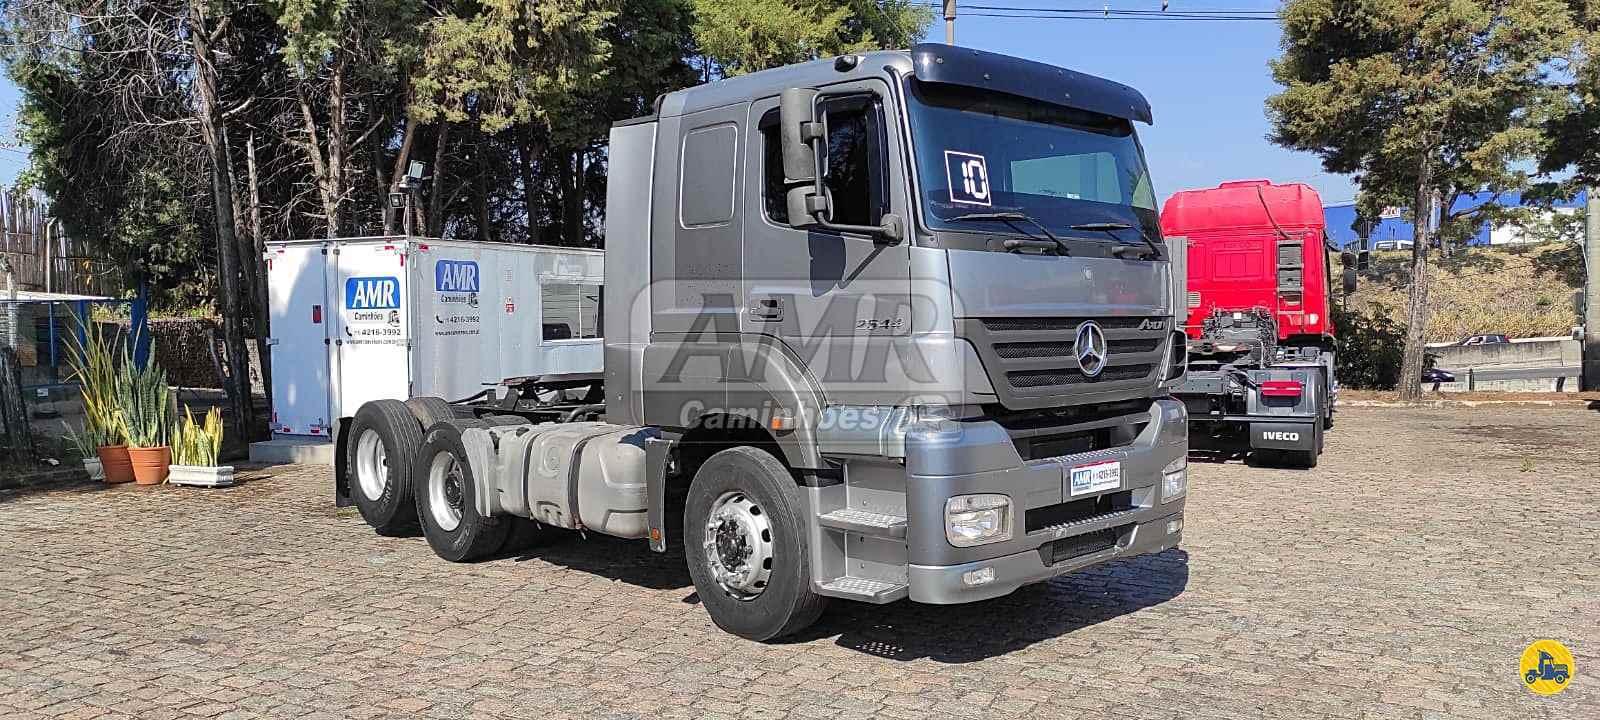 CAMINHAO MERCEDES-BENZ MB 2544 Cavalo Mecânico Truck 6x2 AMR Caminhões JUNDIAI SÃO PAULO SP